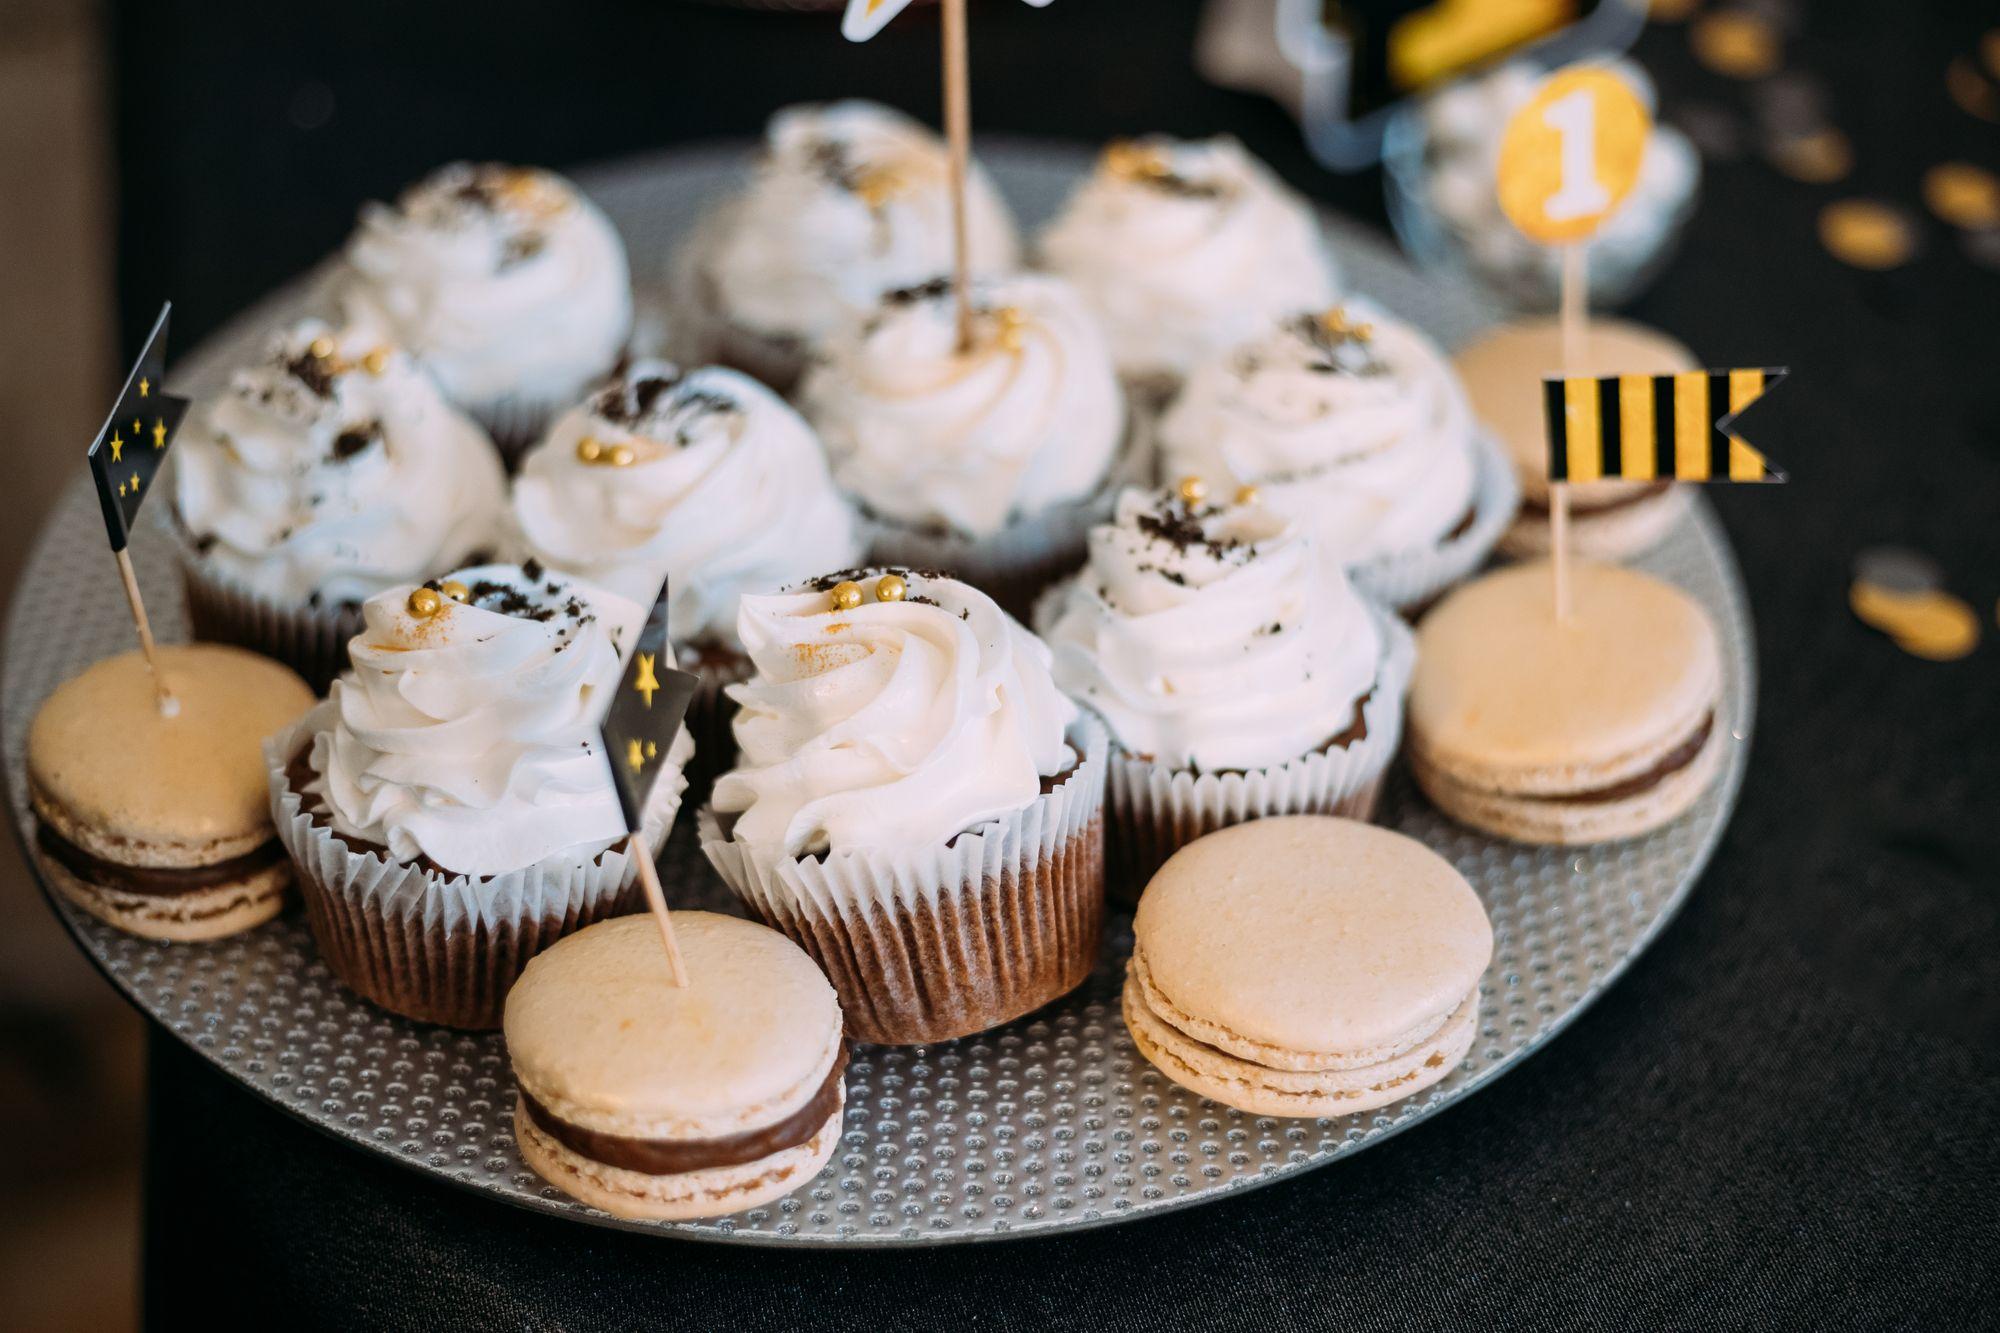 Candybar-Muffins-Macarons